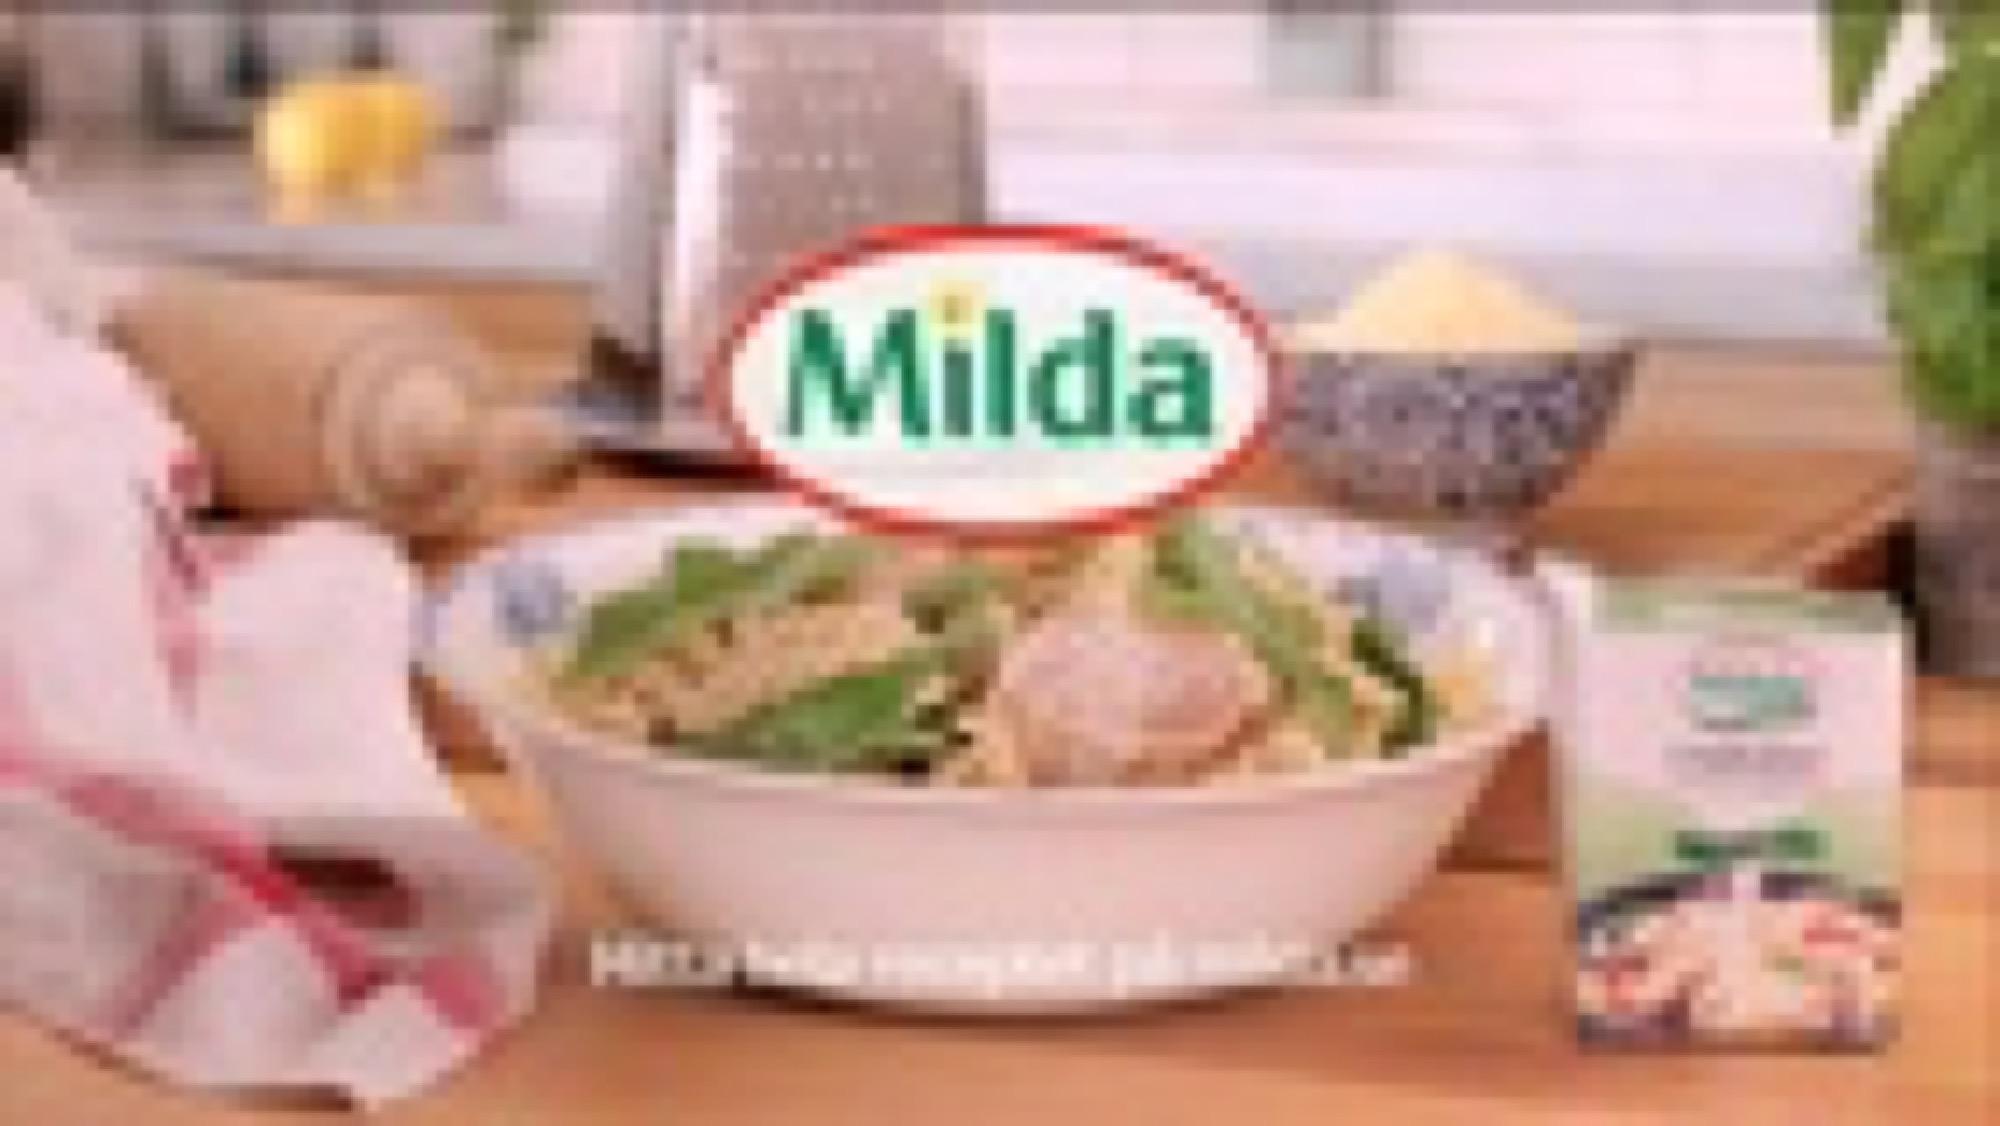 Milda